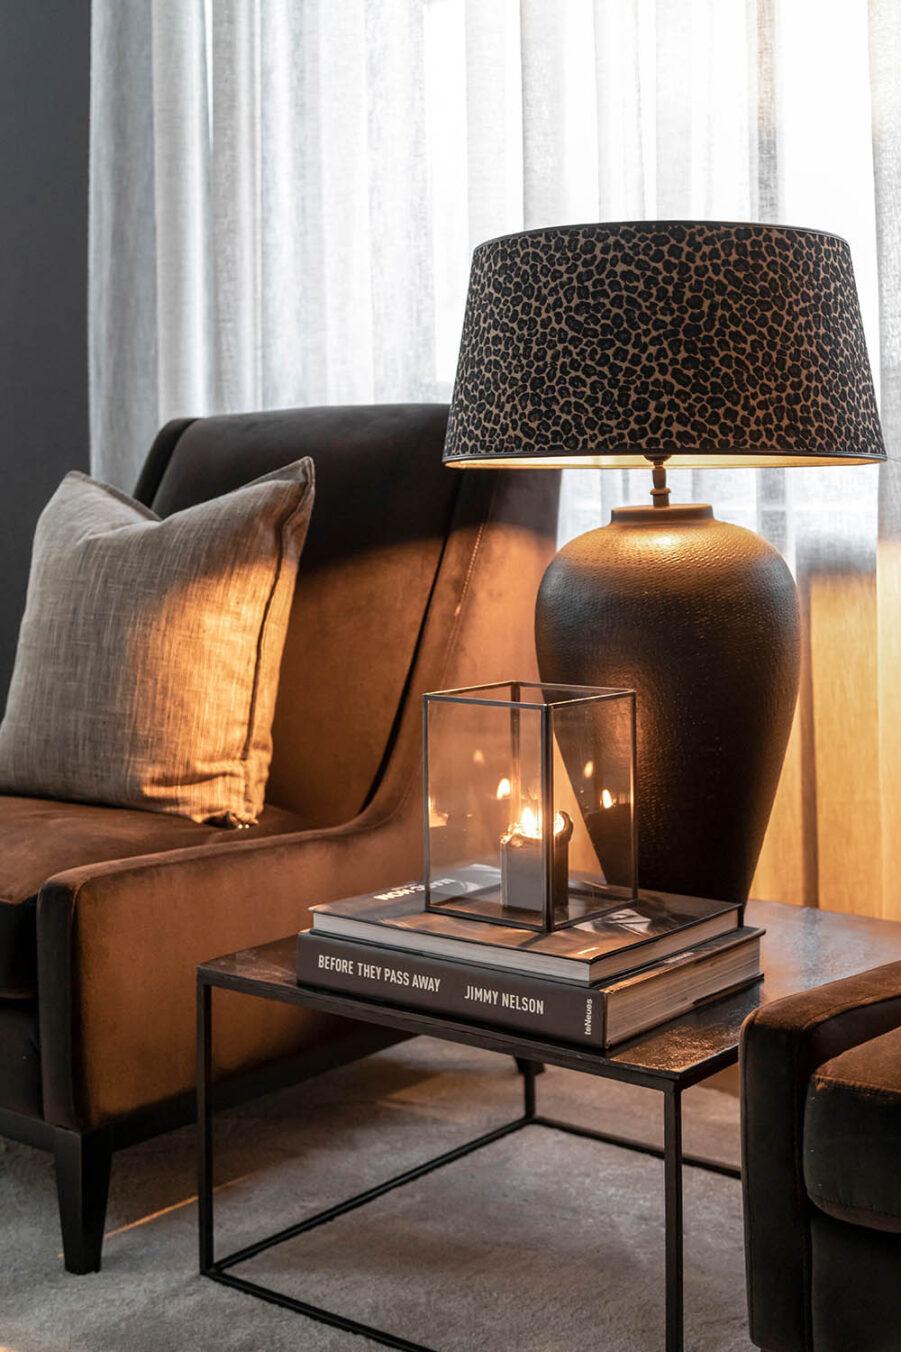 Miljöbild på Harmony fåtölj med Mille sidobord och lampa med leopard lampskärm.W20_41_Mischa Mille Leopard